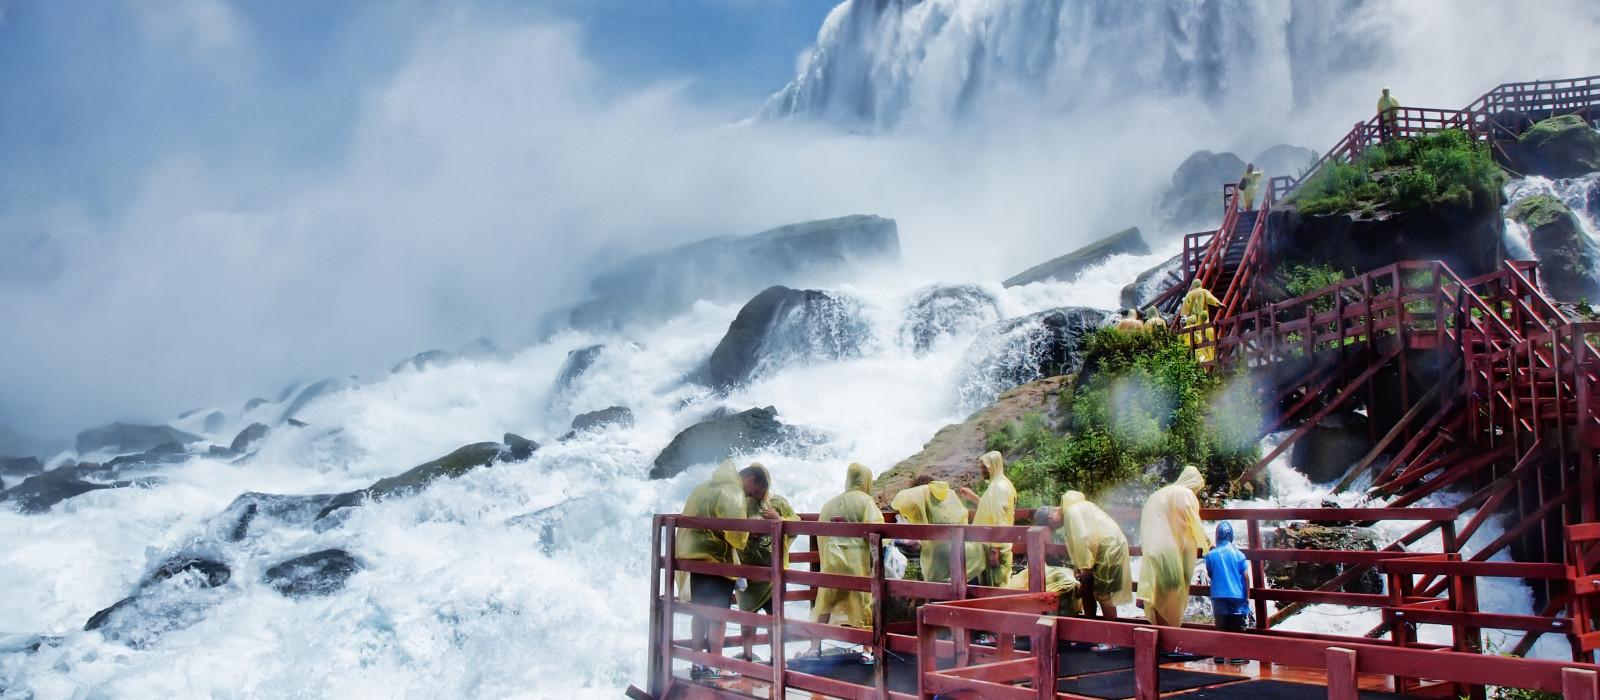 Reiseziel Niagara Falls Kanada